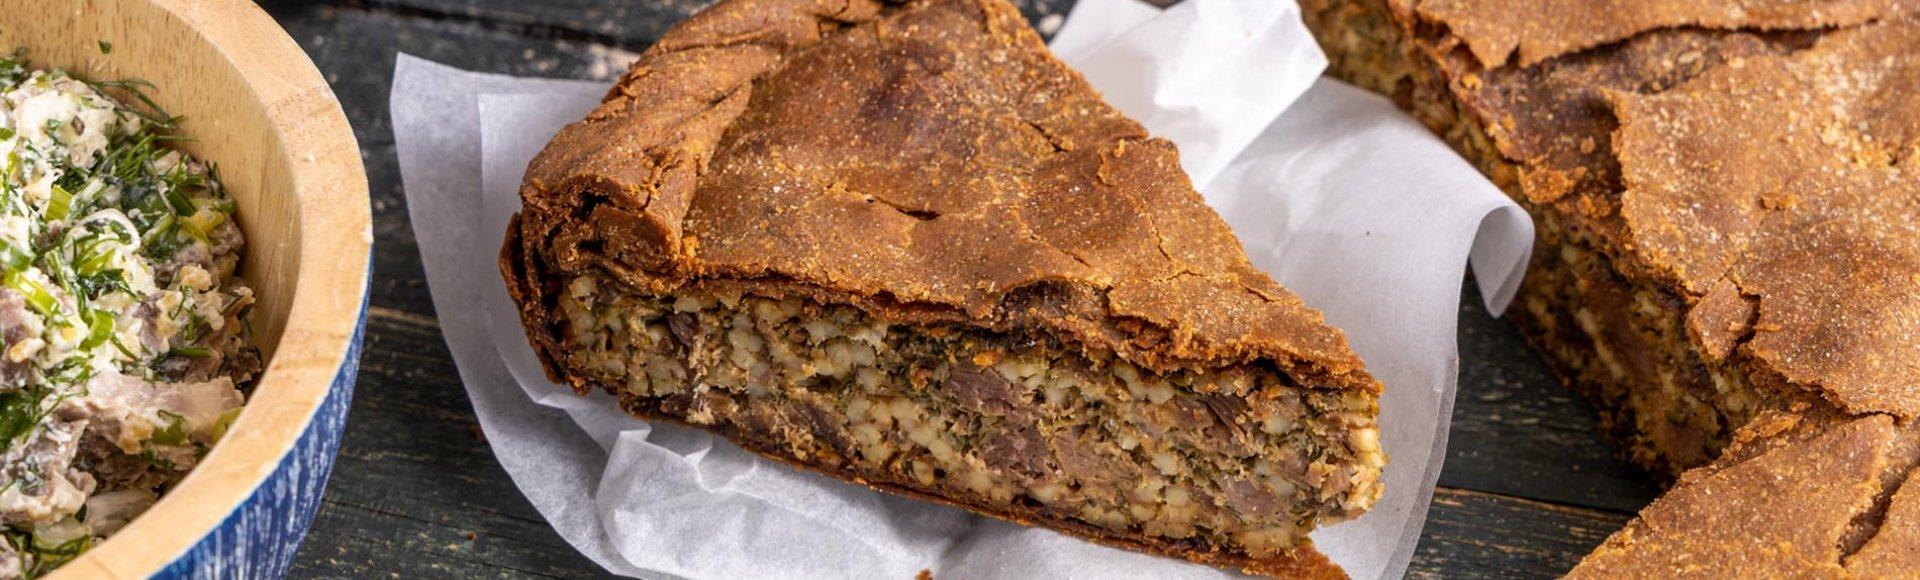 Πίτα με αρνί, τραχανά & μυρωδικά - Άγγελος Μπακόπουλος